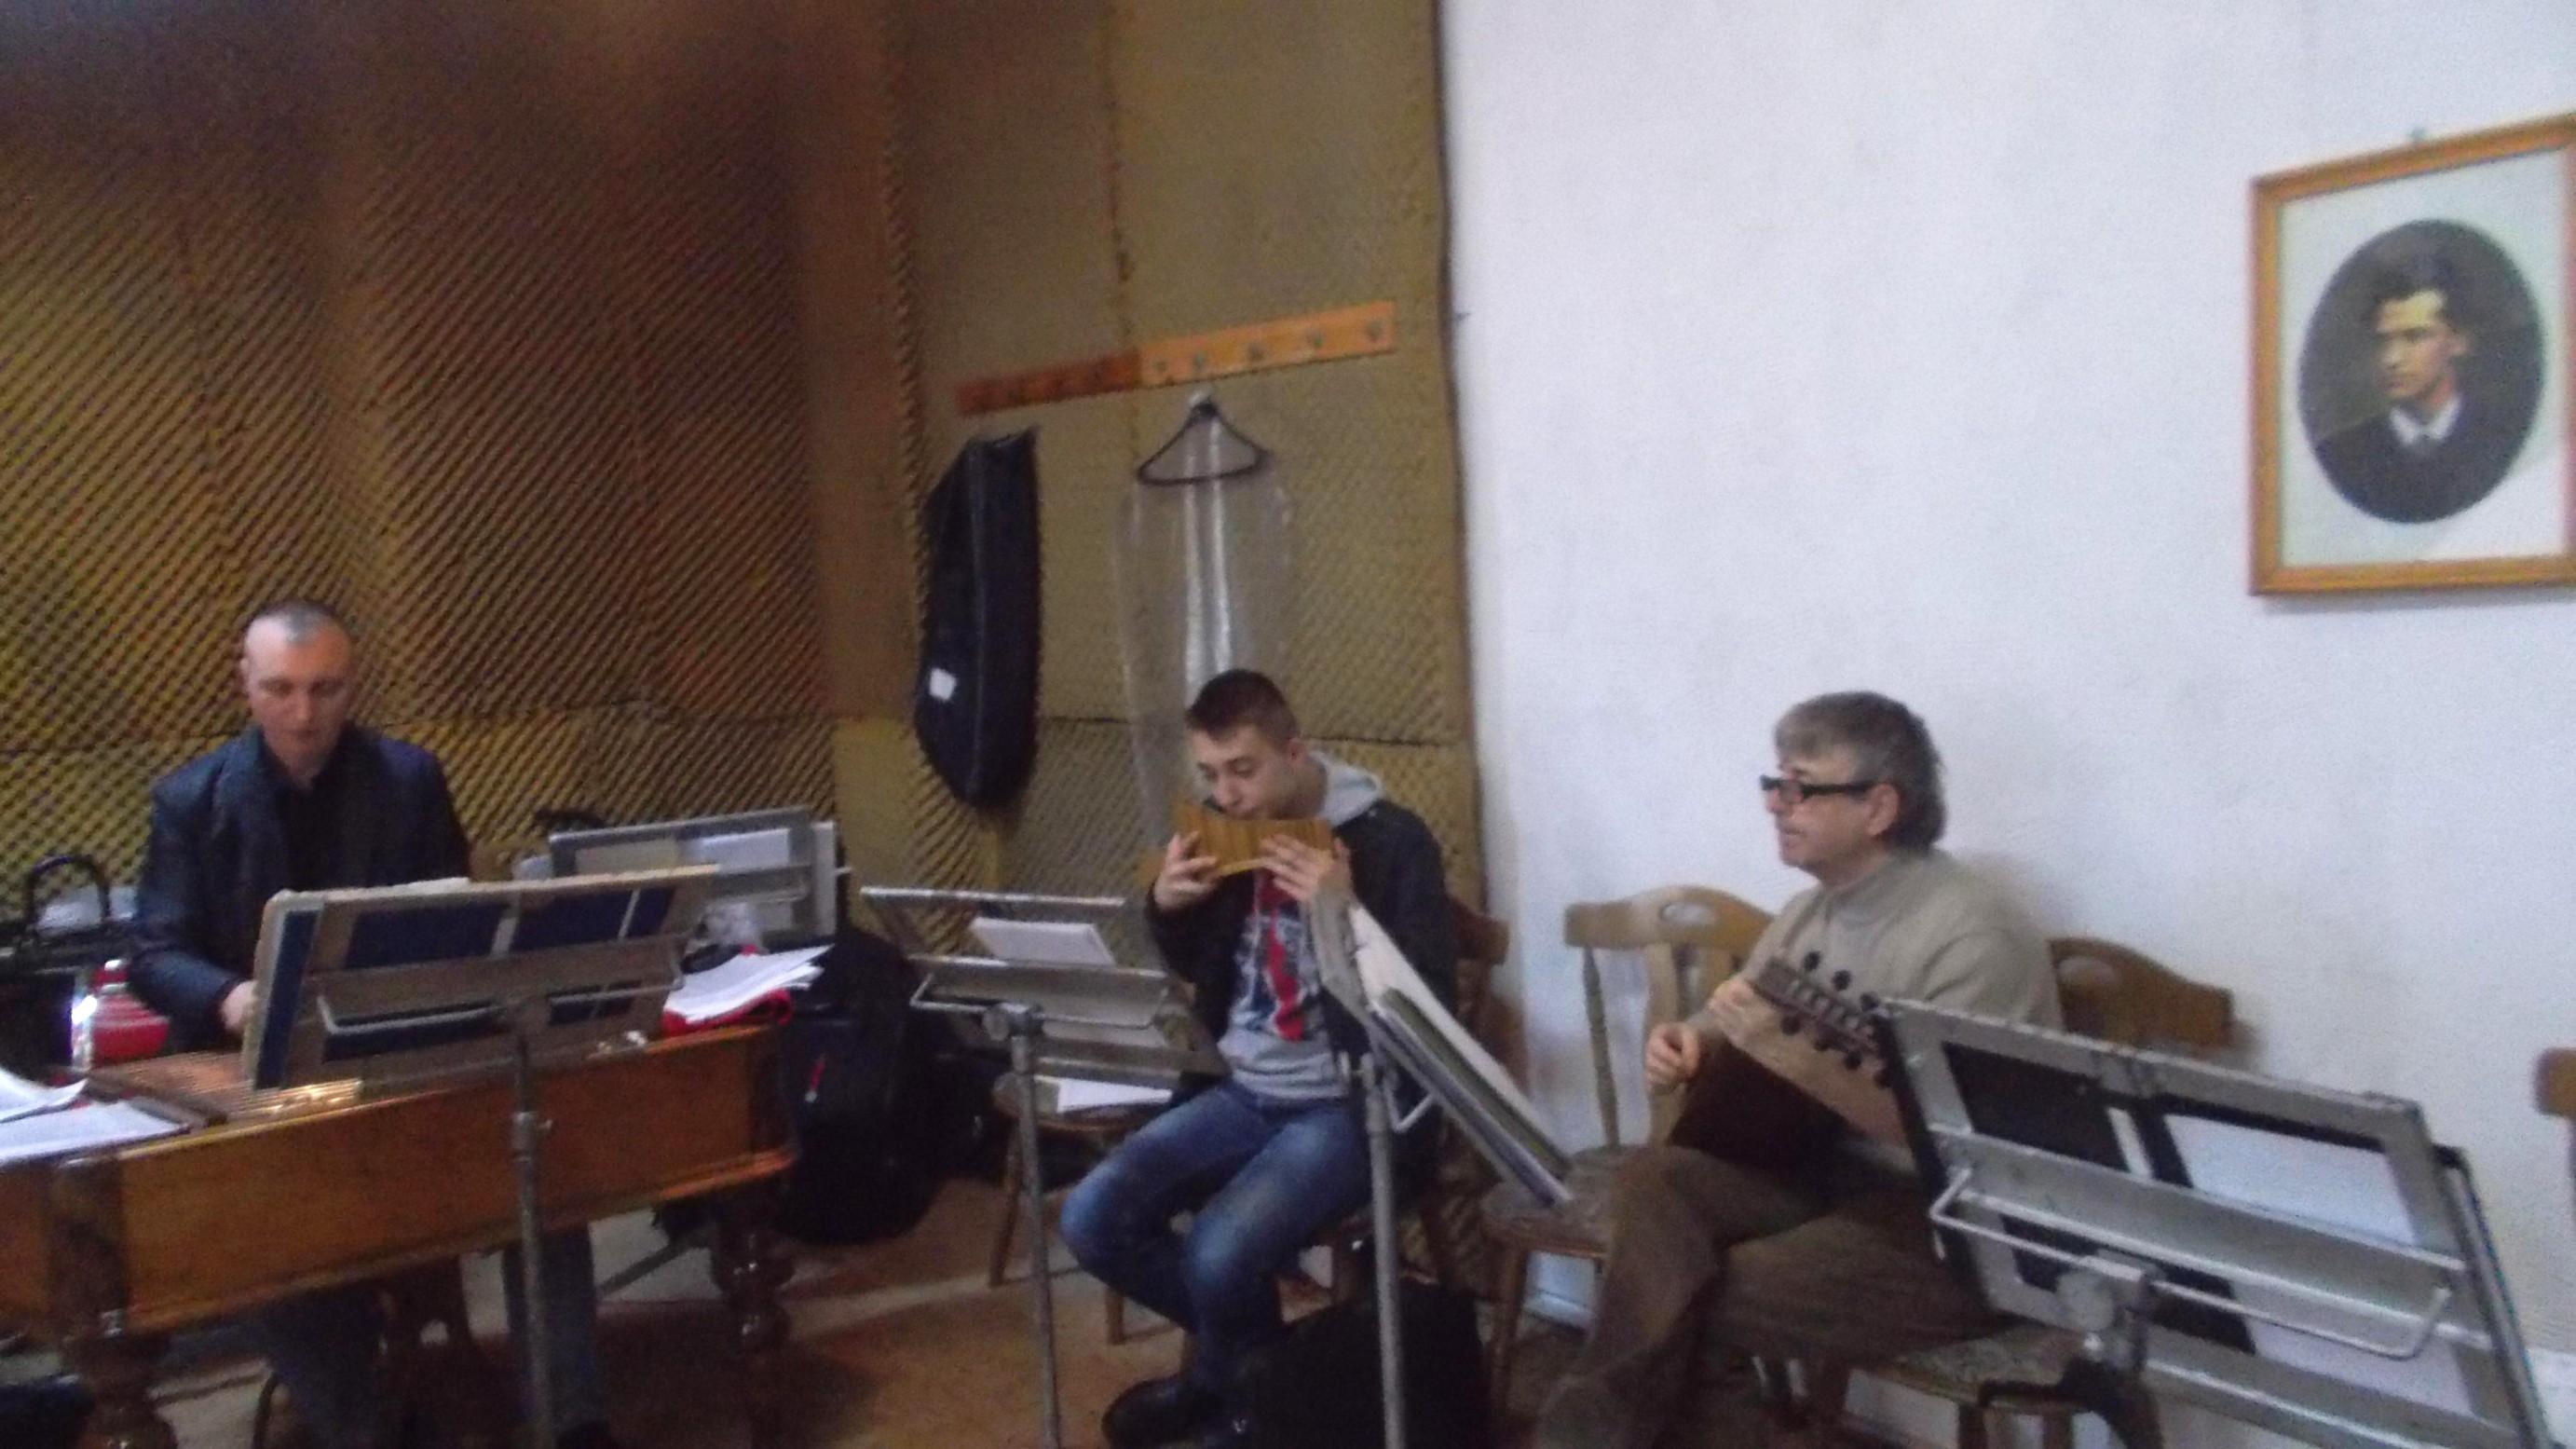 Zicălaşii Petrică Oloieru, Gabriel Hurjui şi Constantin Irimia